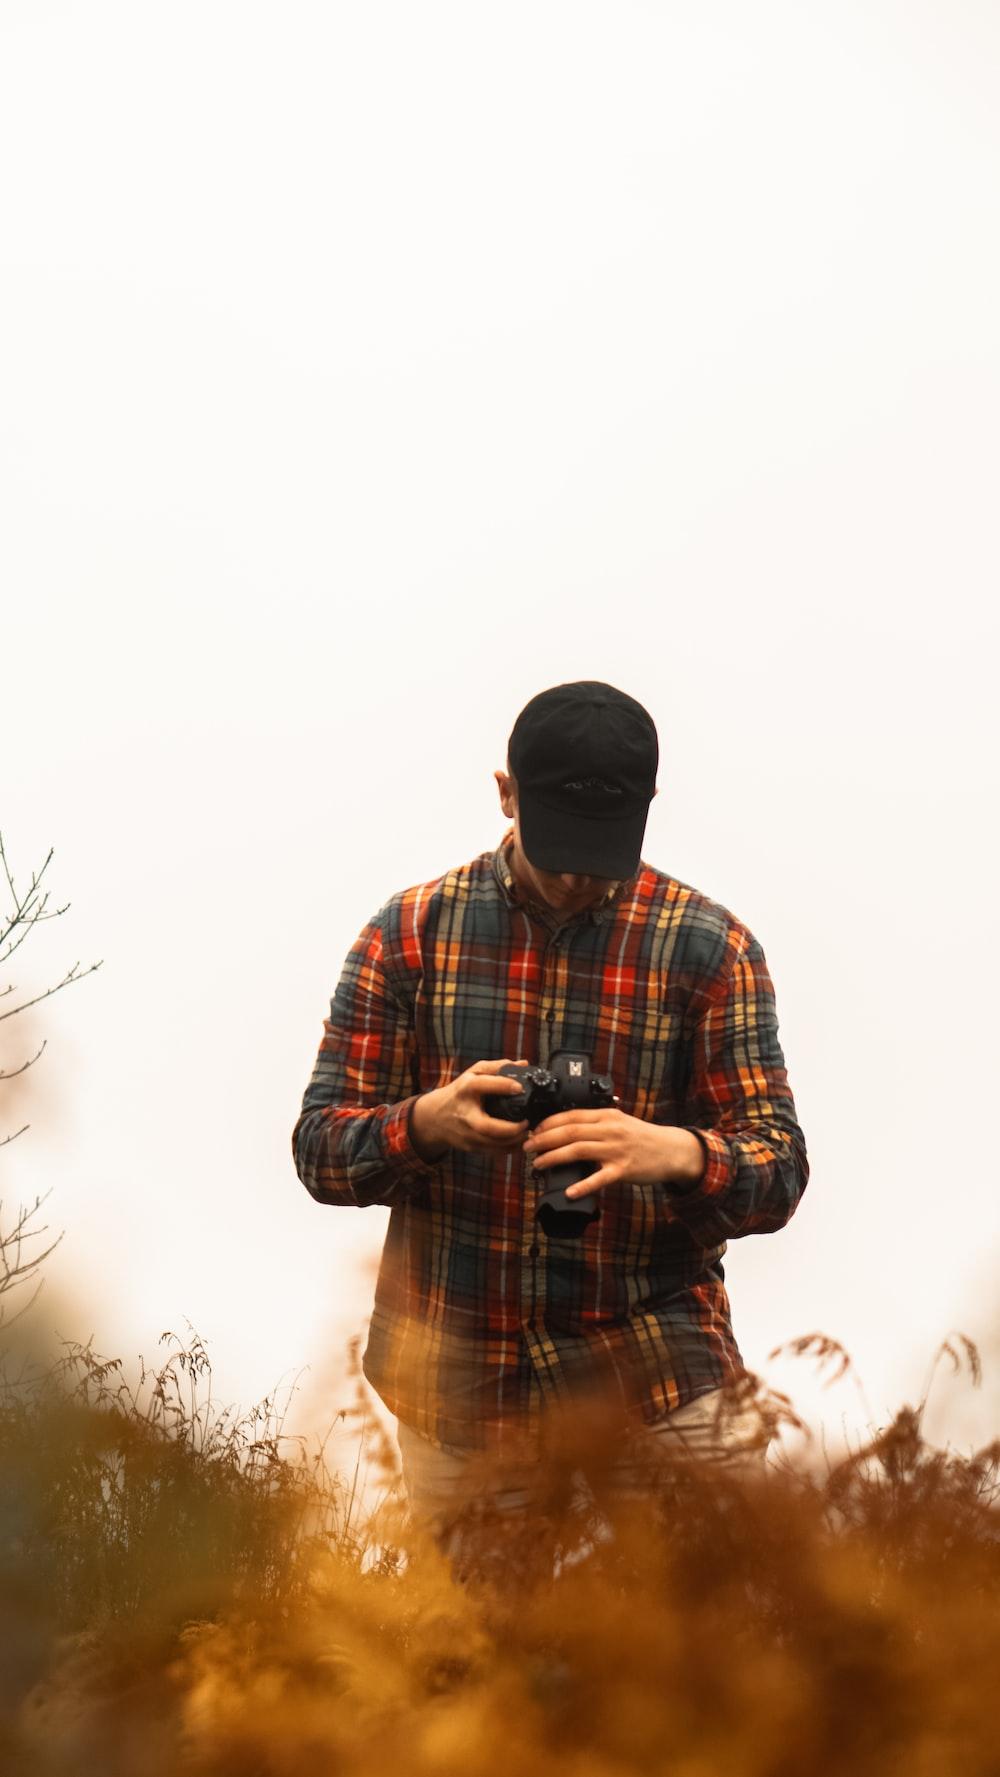 man looking at DSLR camera